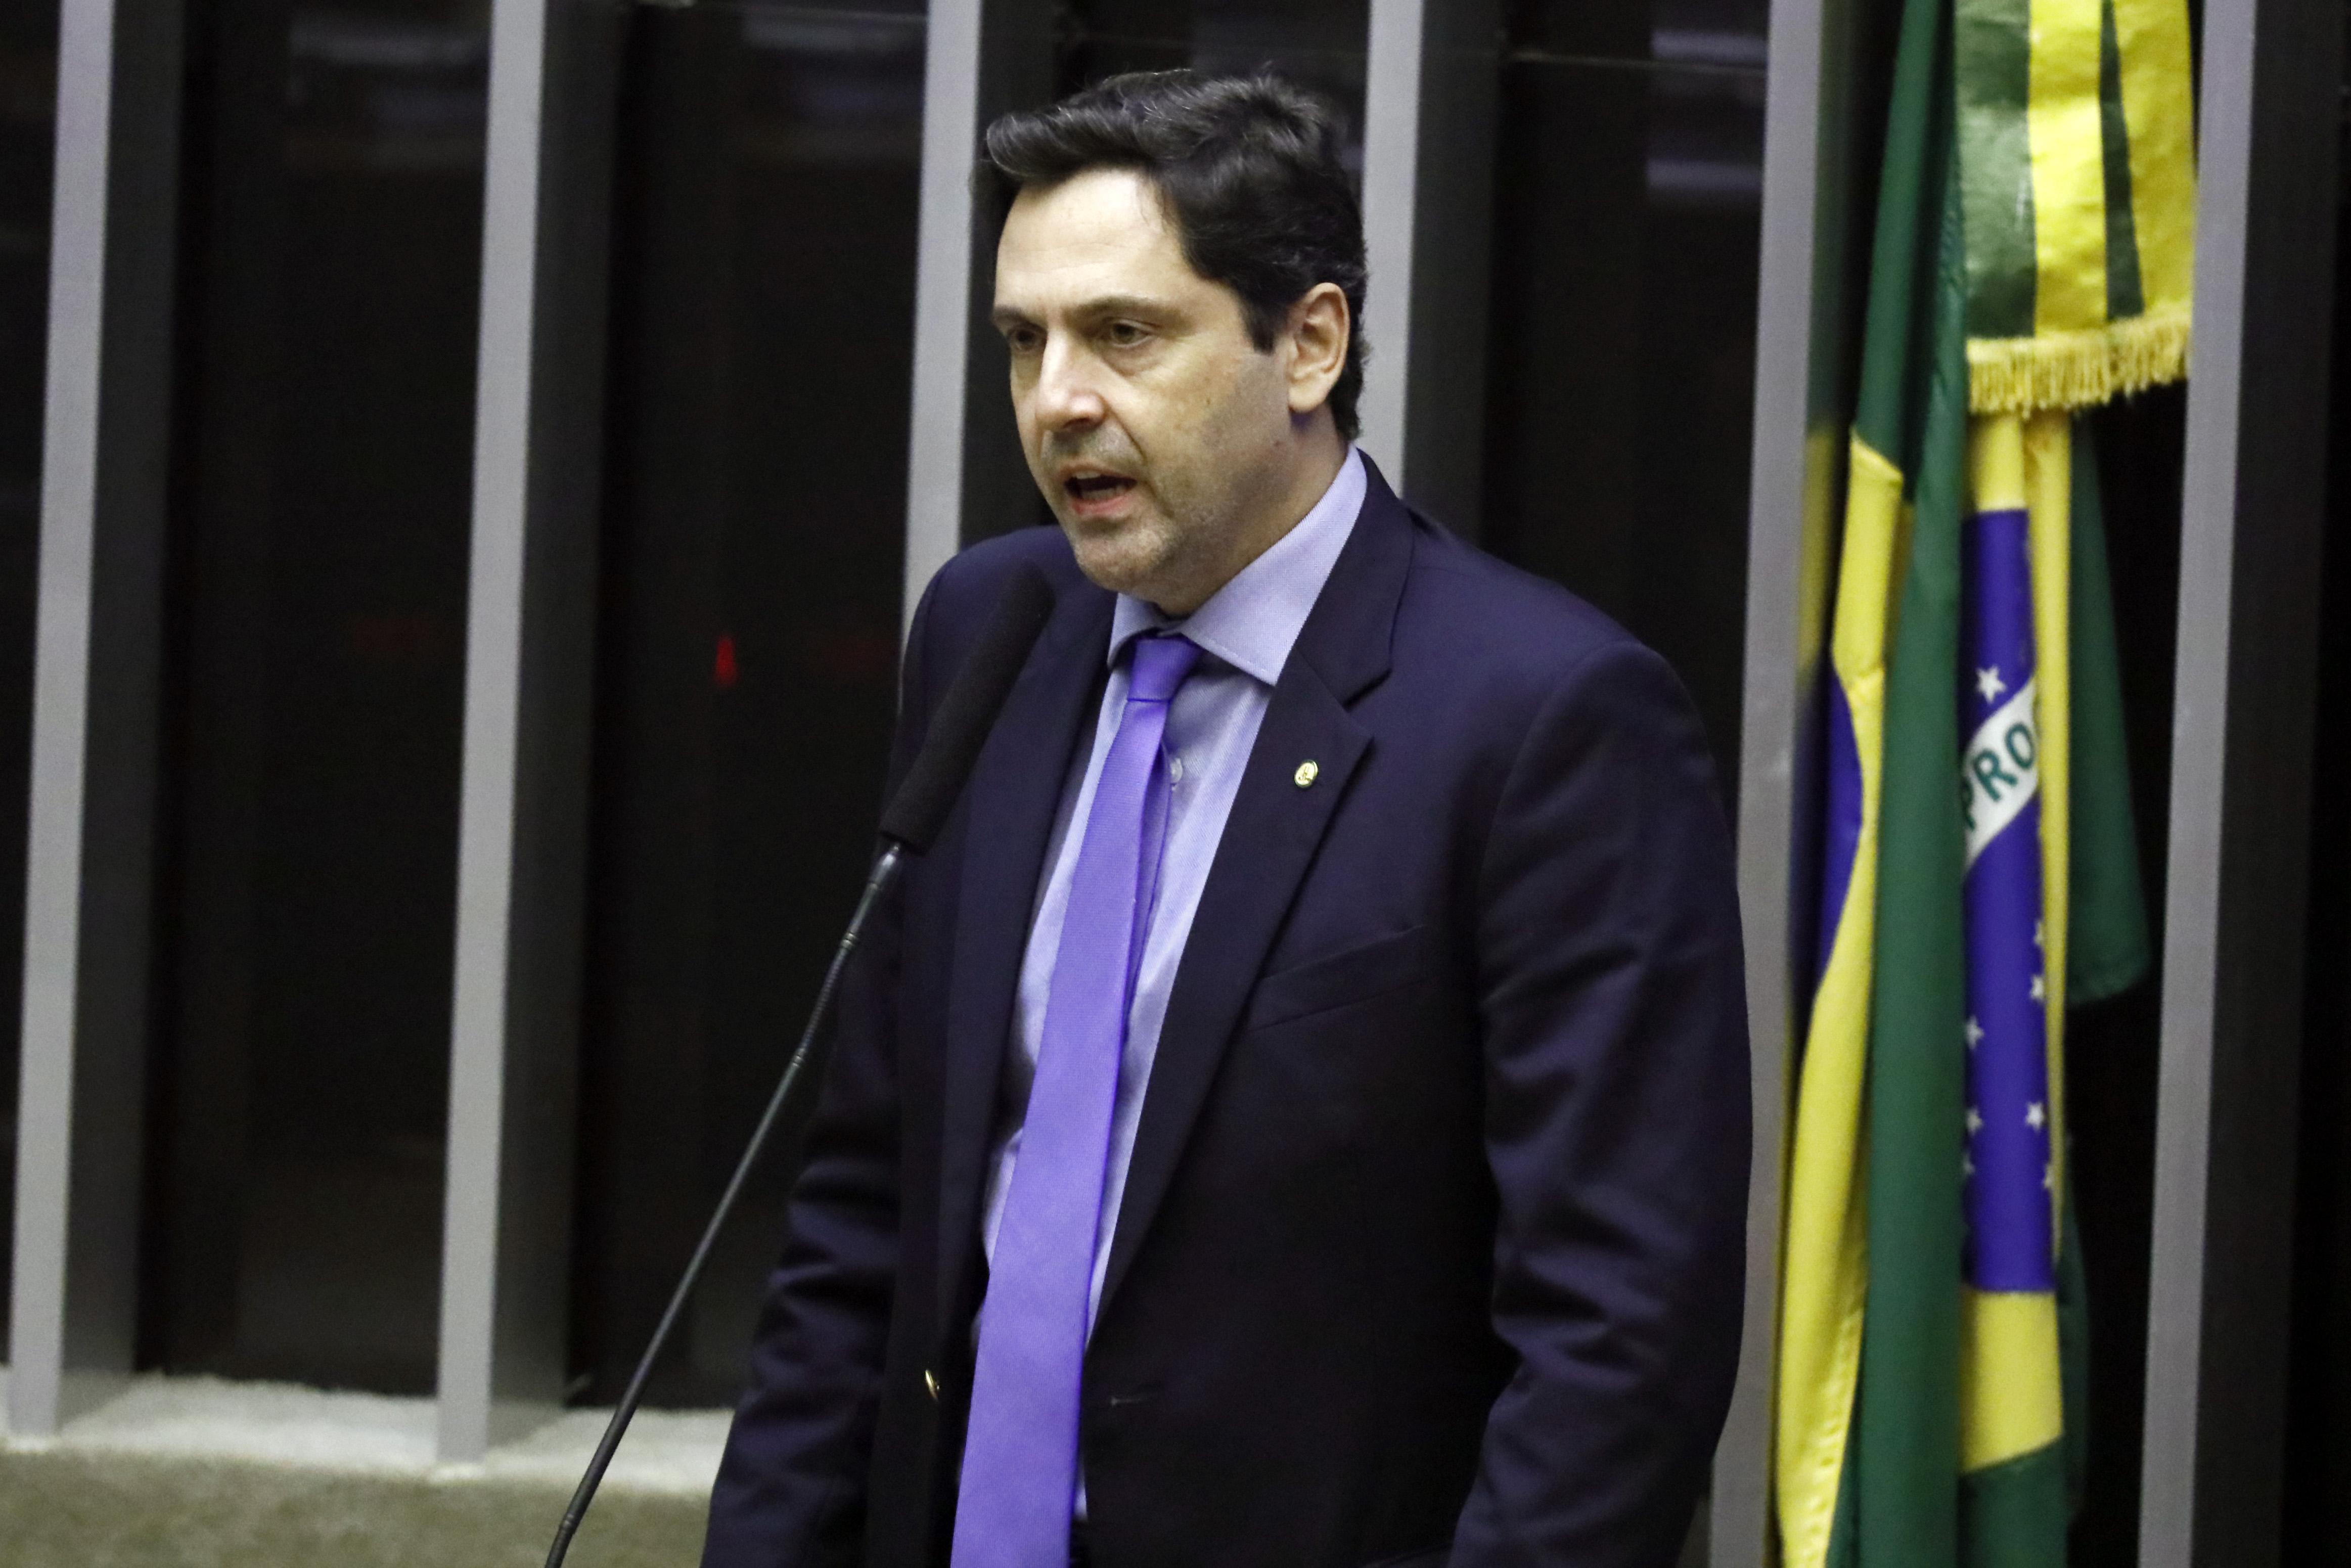 Ordem do dia para discussão e votação de diversos projetos. Dep. Luiz Philippe de Orleans e Bragança (PSL - SP)